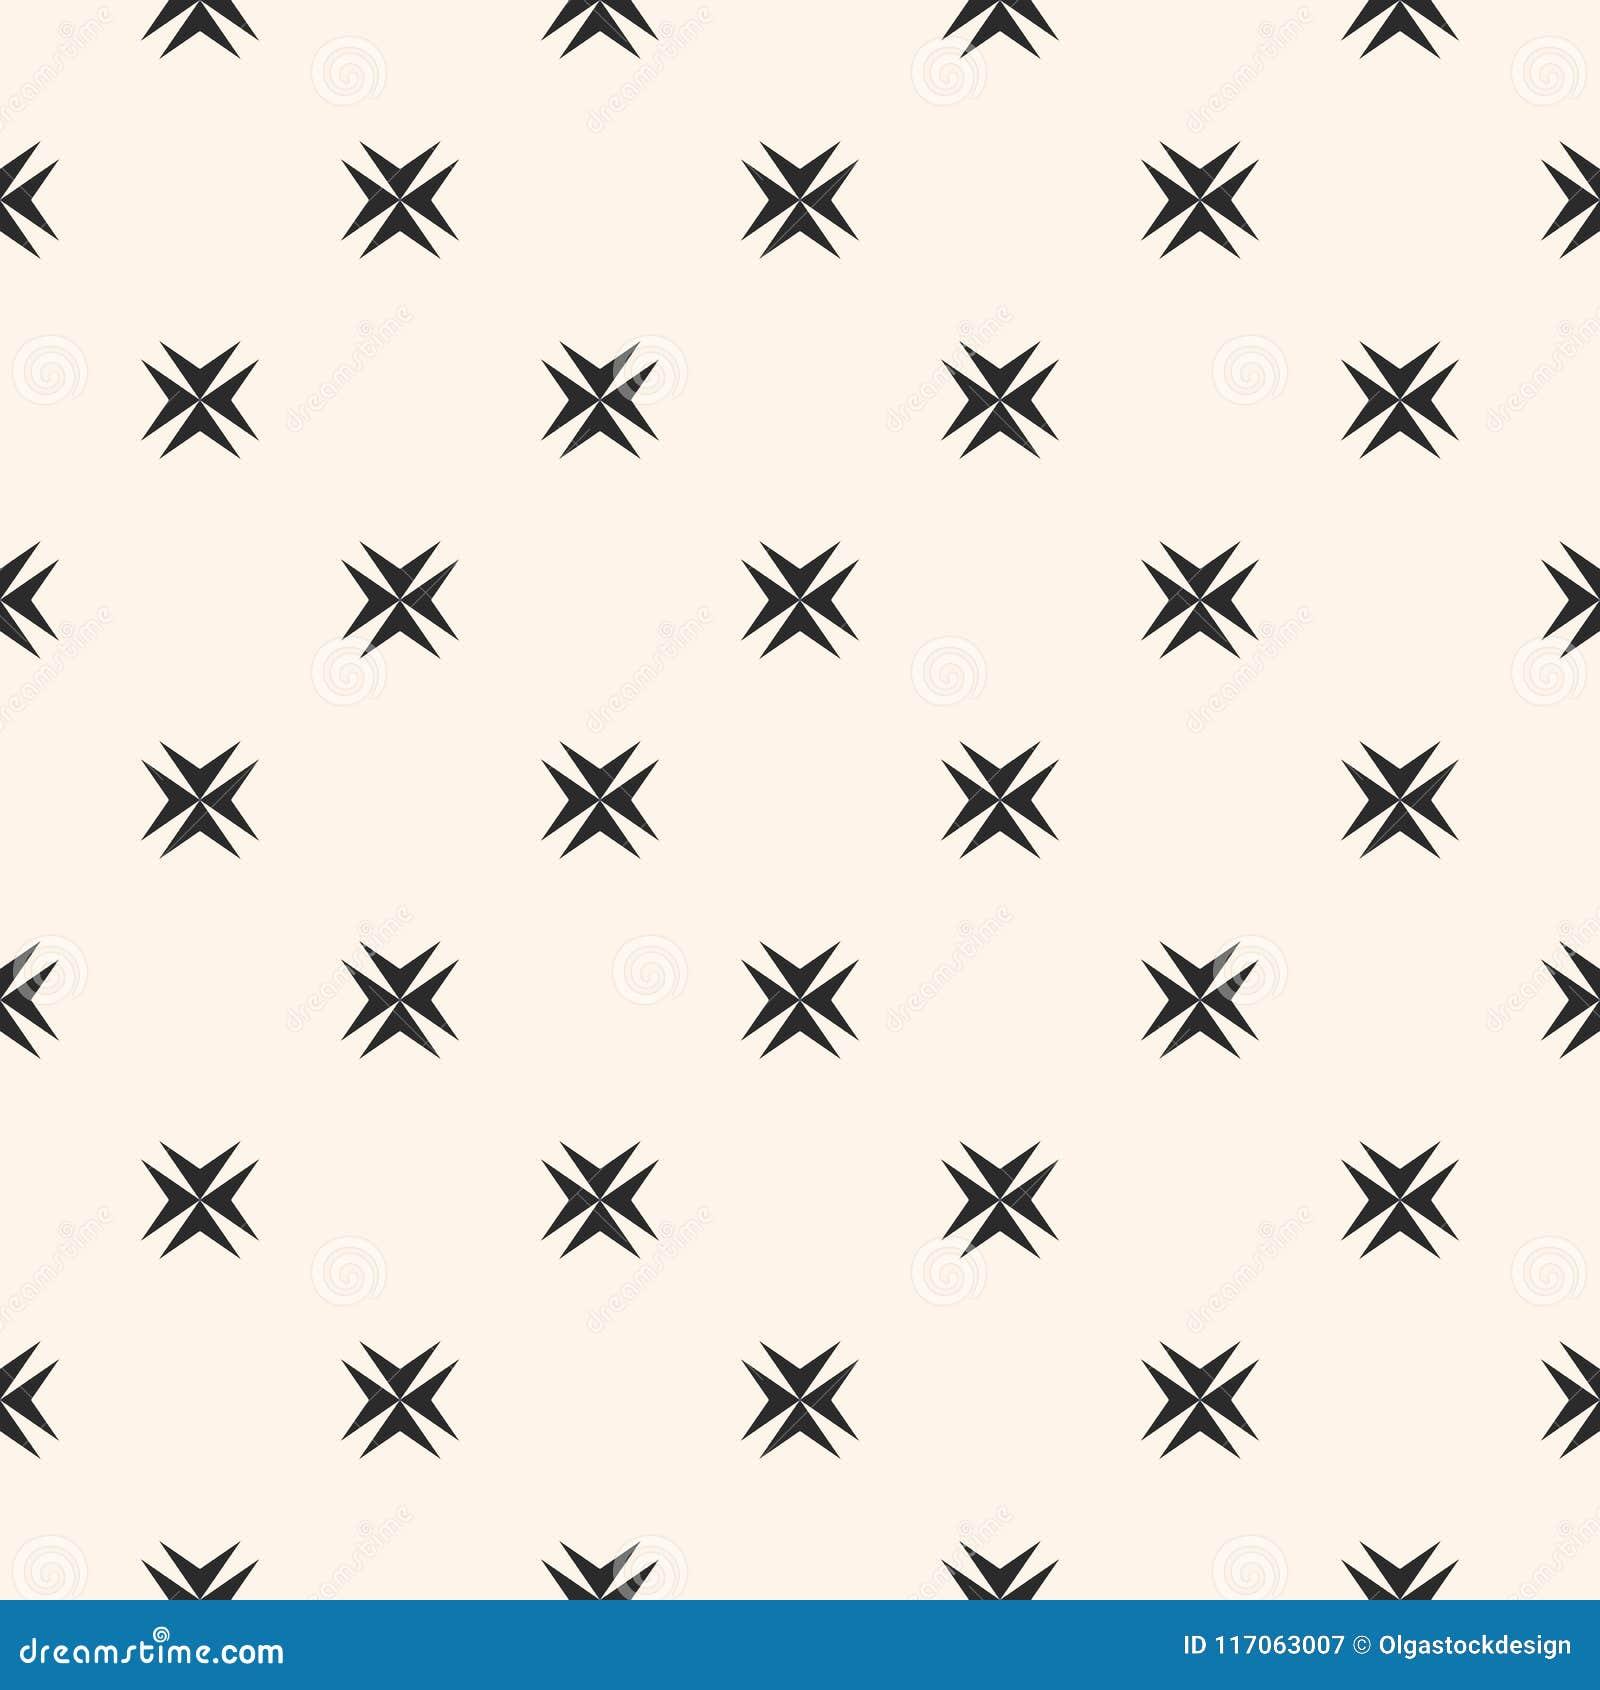 bbe0e367a31 Modelo inconsútil ornamental con formas cruzadas estrellas fondo jpg  1300x1390 Formas de estrellas